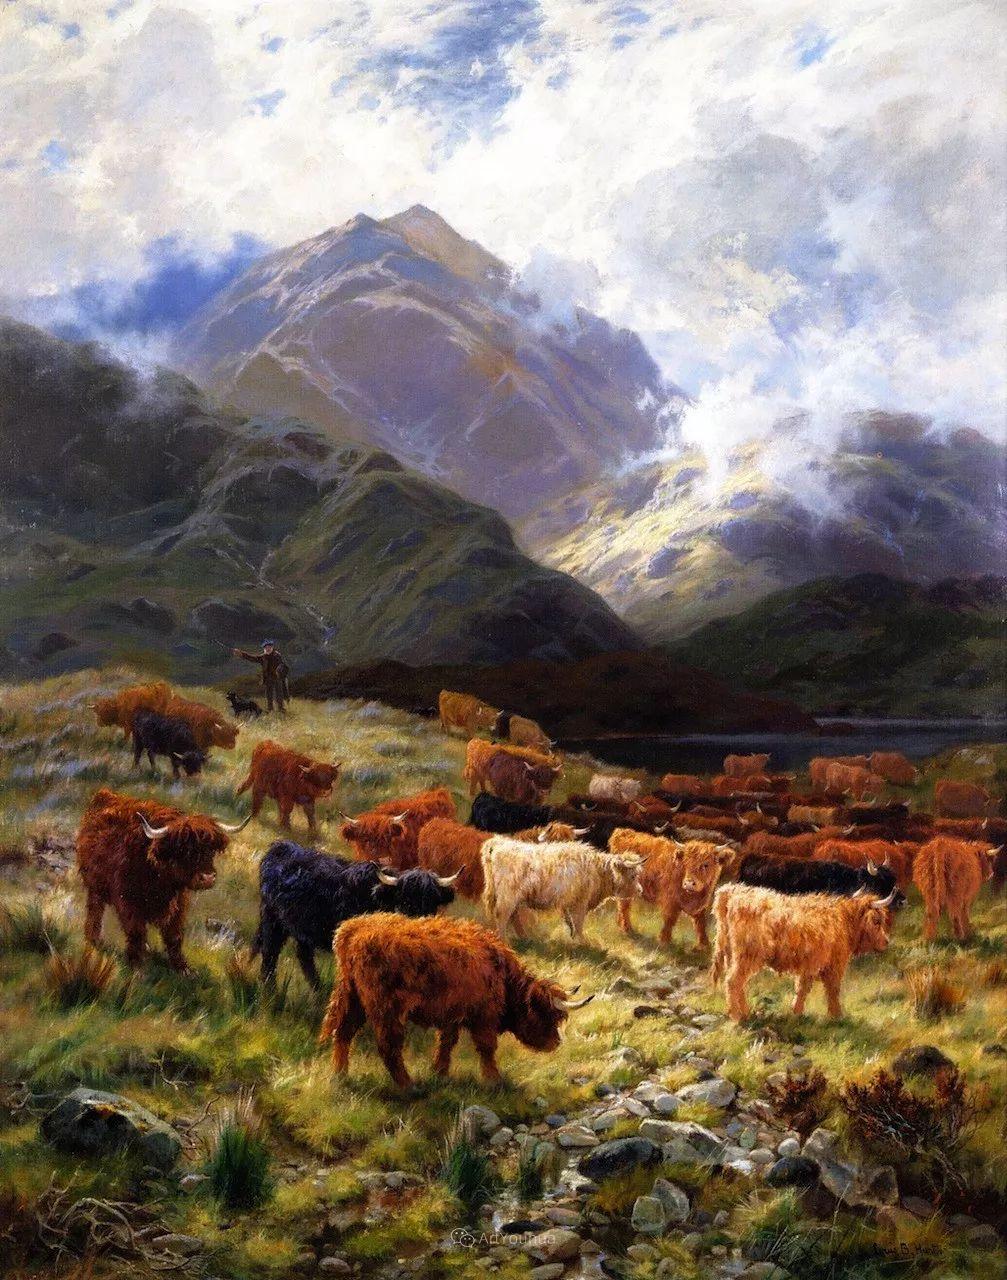 高地牛与风景的完美融合,太壮观了!英国画家Louis Bosworth Hurt插图1